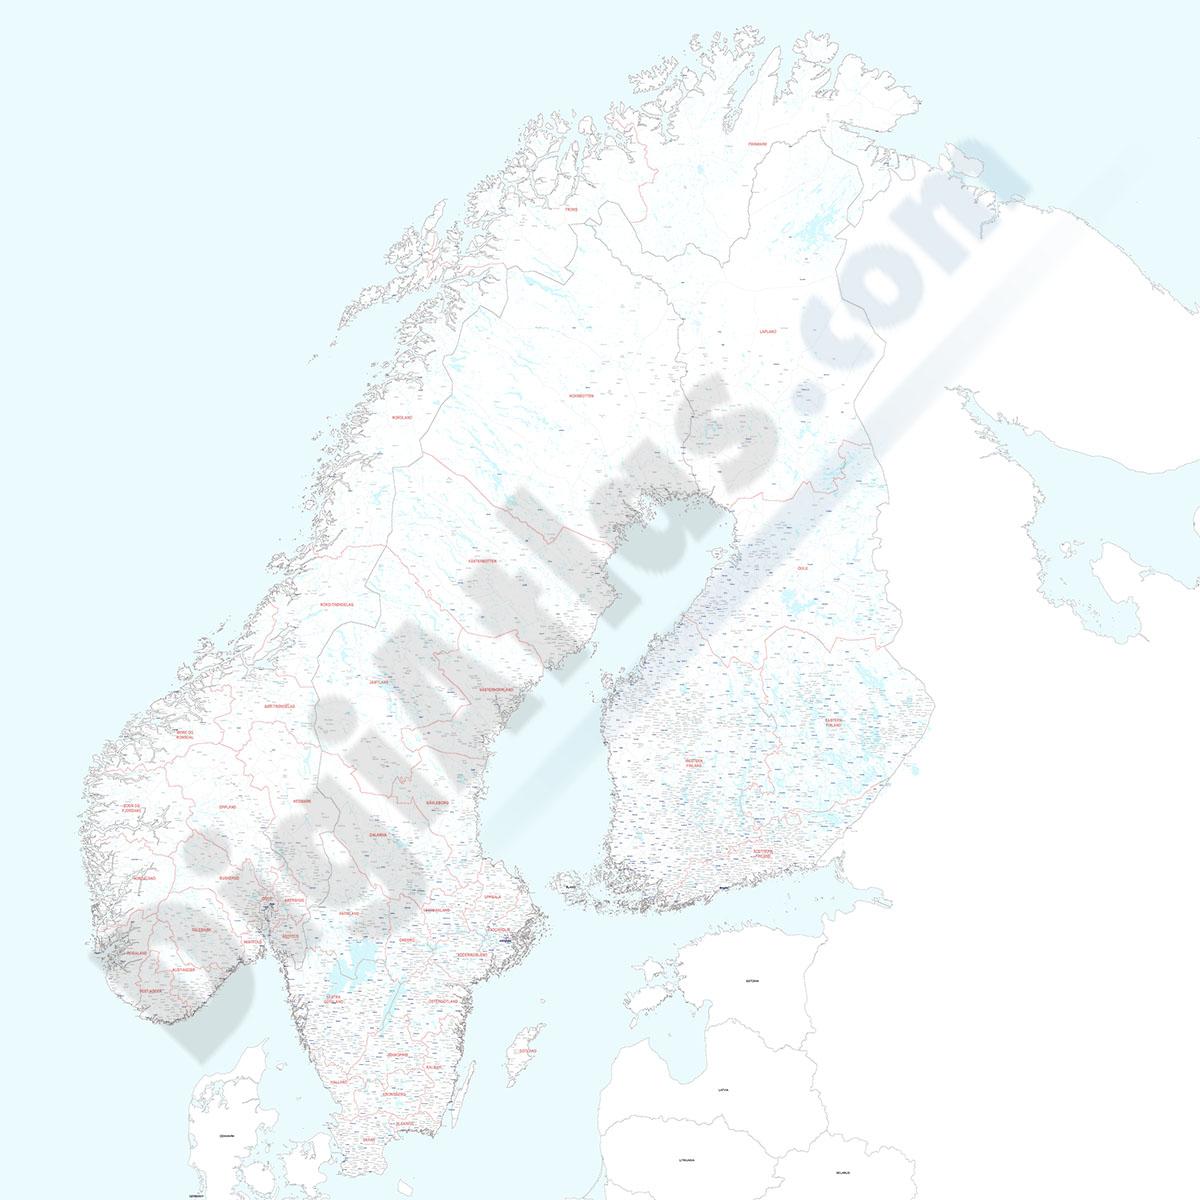 Finlandia, Noruega y Suecia - Mapa de poblaciones